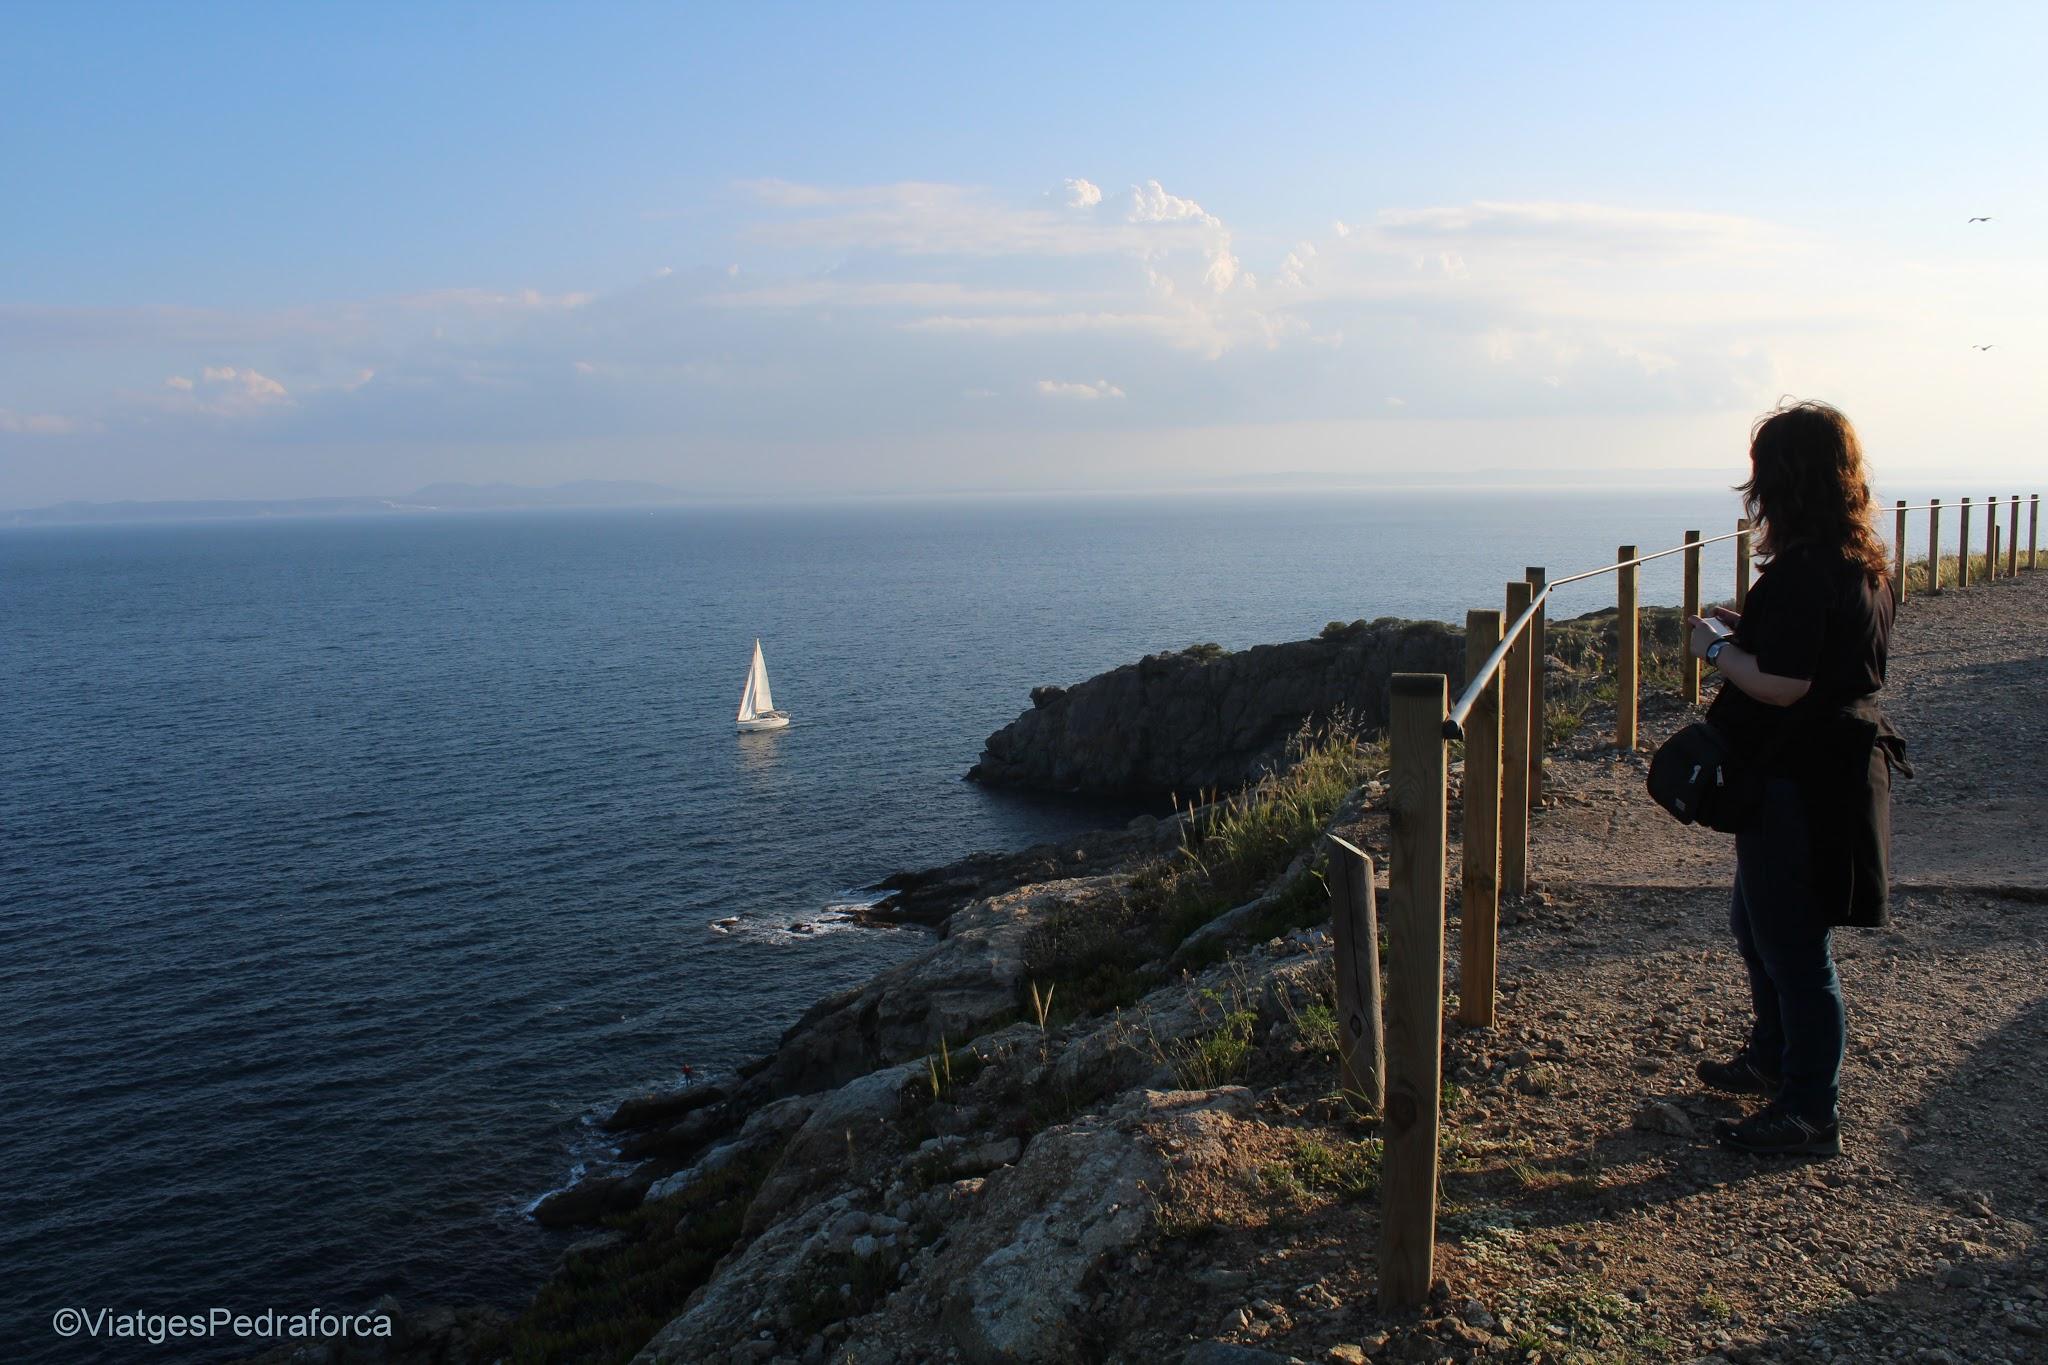 Parc natural del Cap de Creus, senderisme, excursions fàcils per la Costa Brava, Alt Empordà